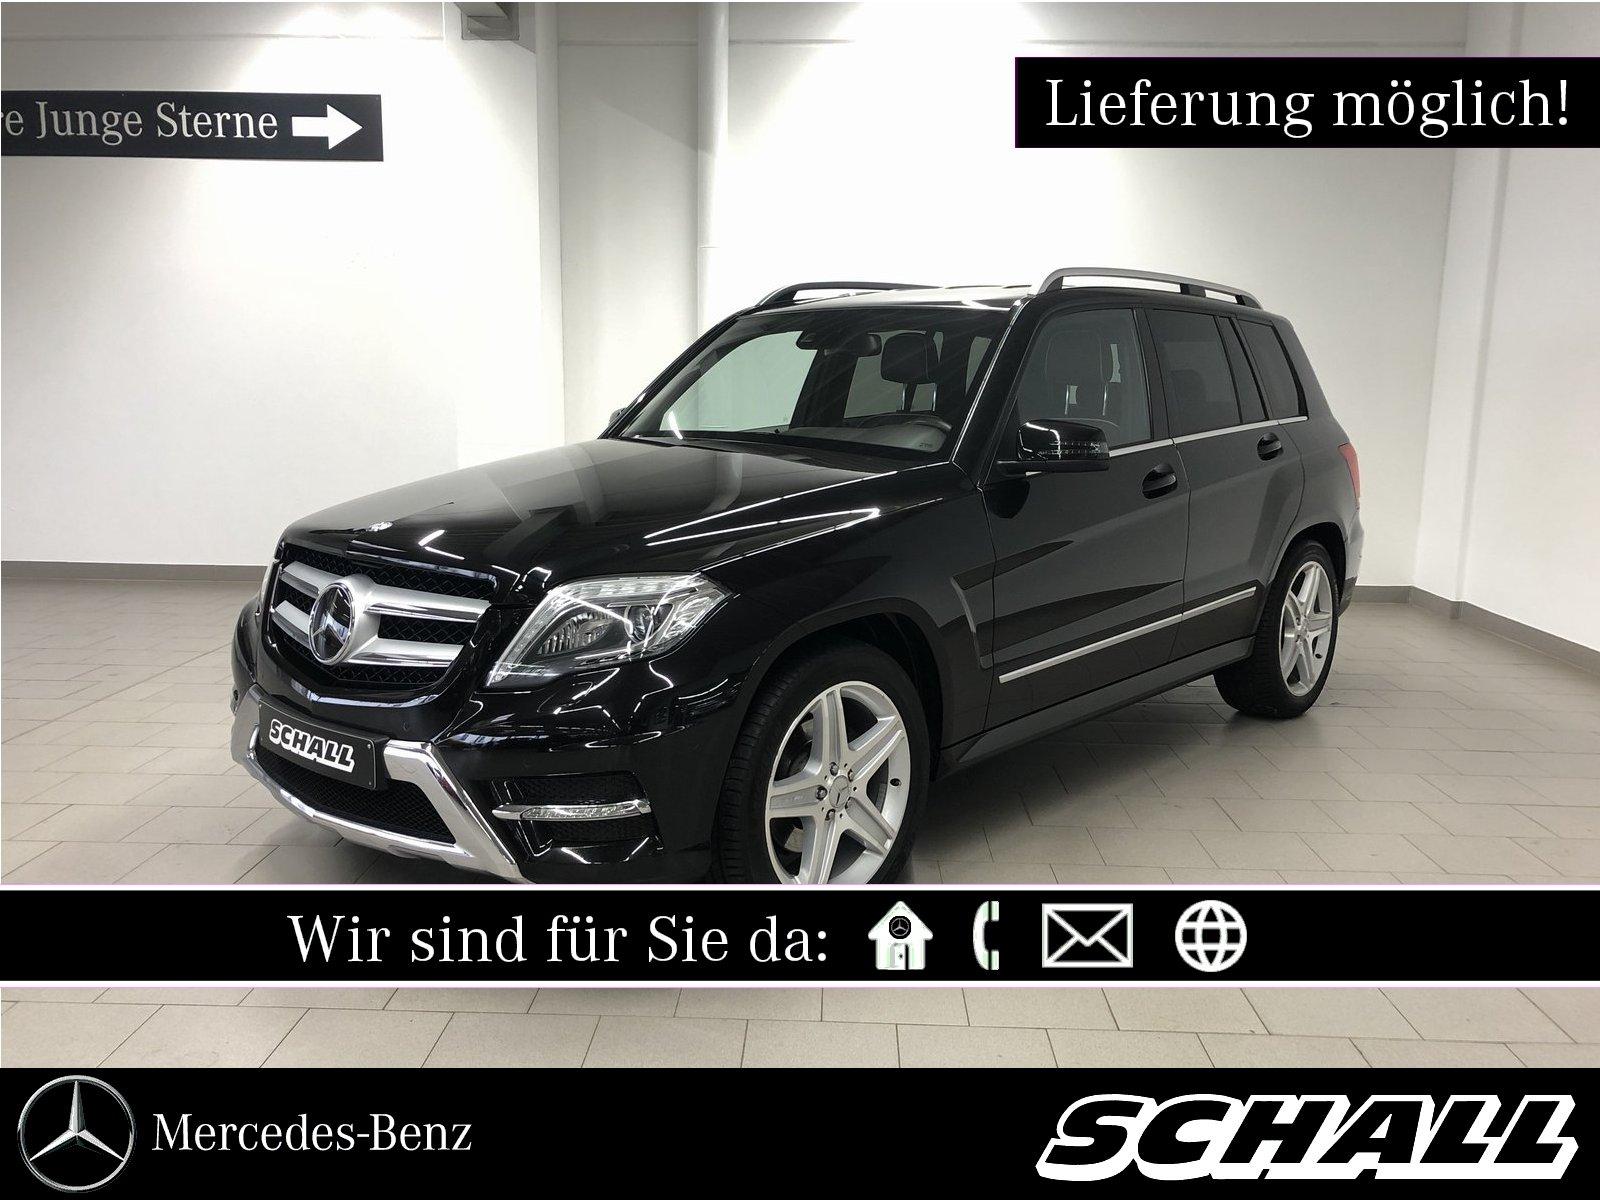 Mercedes-Benz GLK 250 BT 4M AMG+DISTRONIC+COMAND+ILS+H&K+KAM, Jahr 2013, Diesel